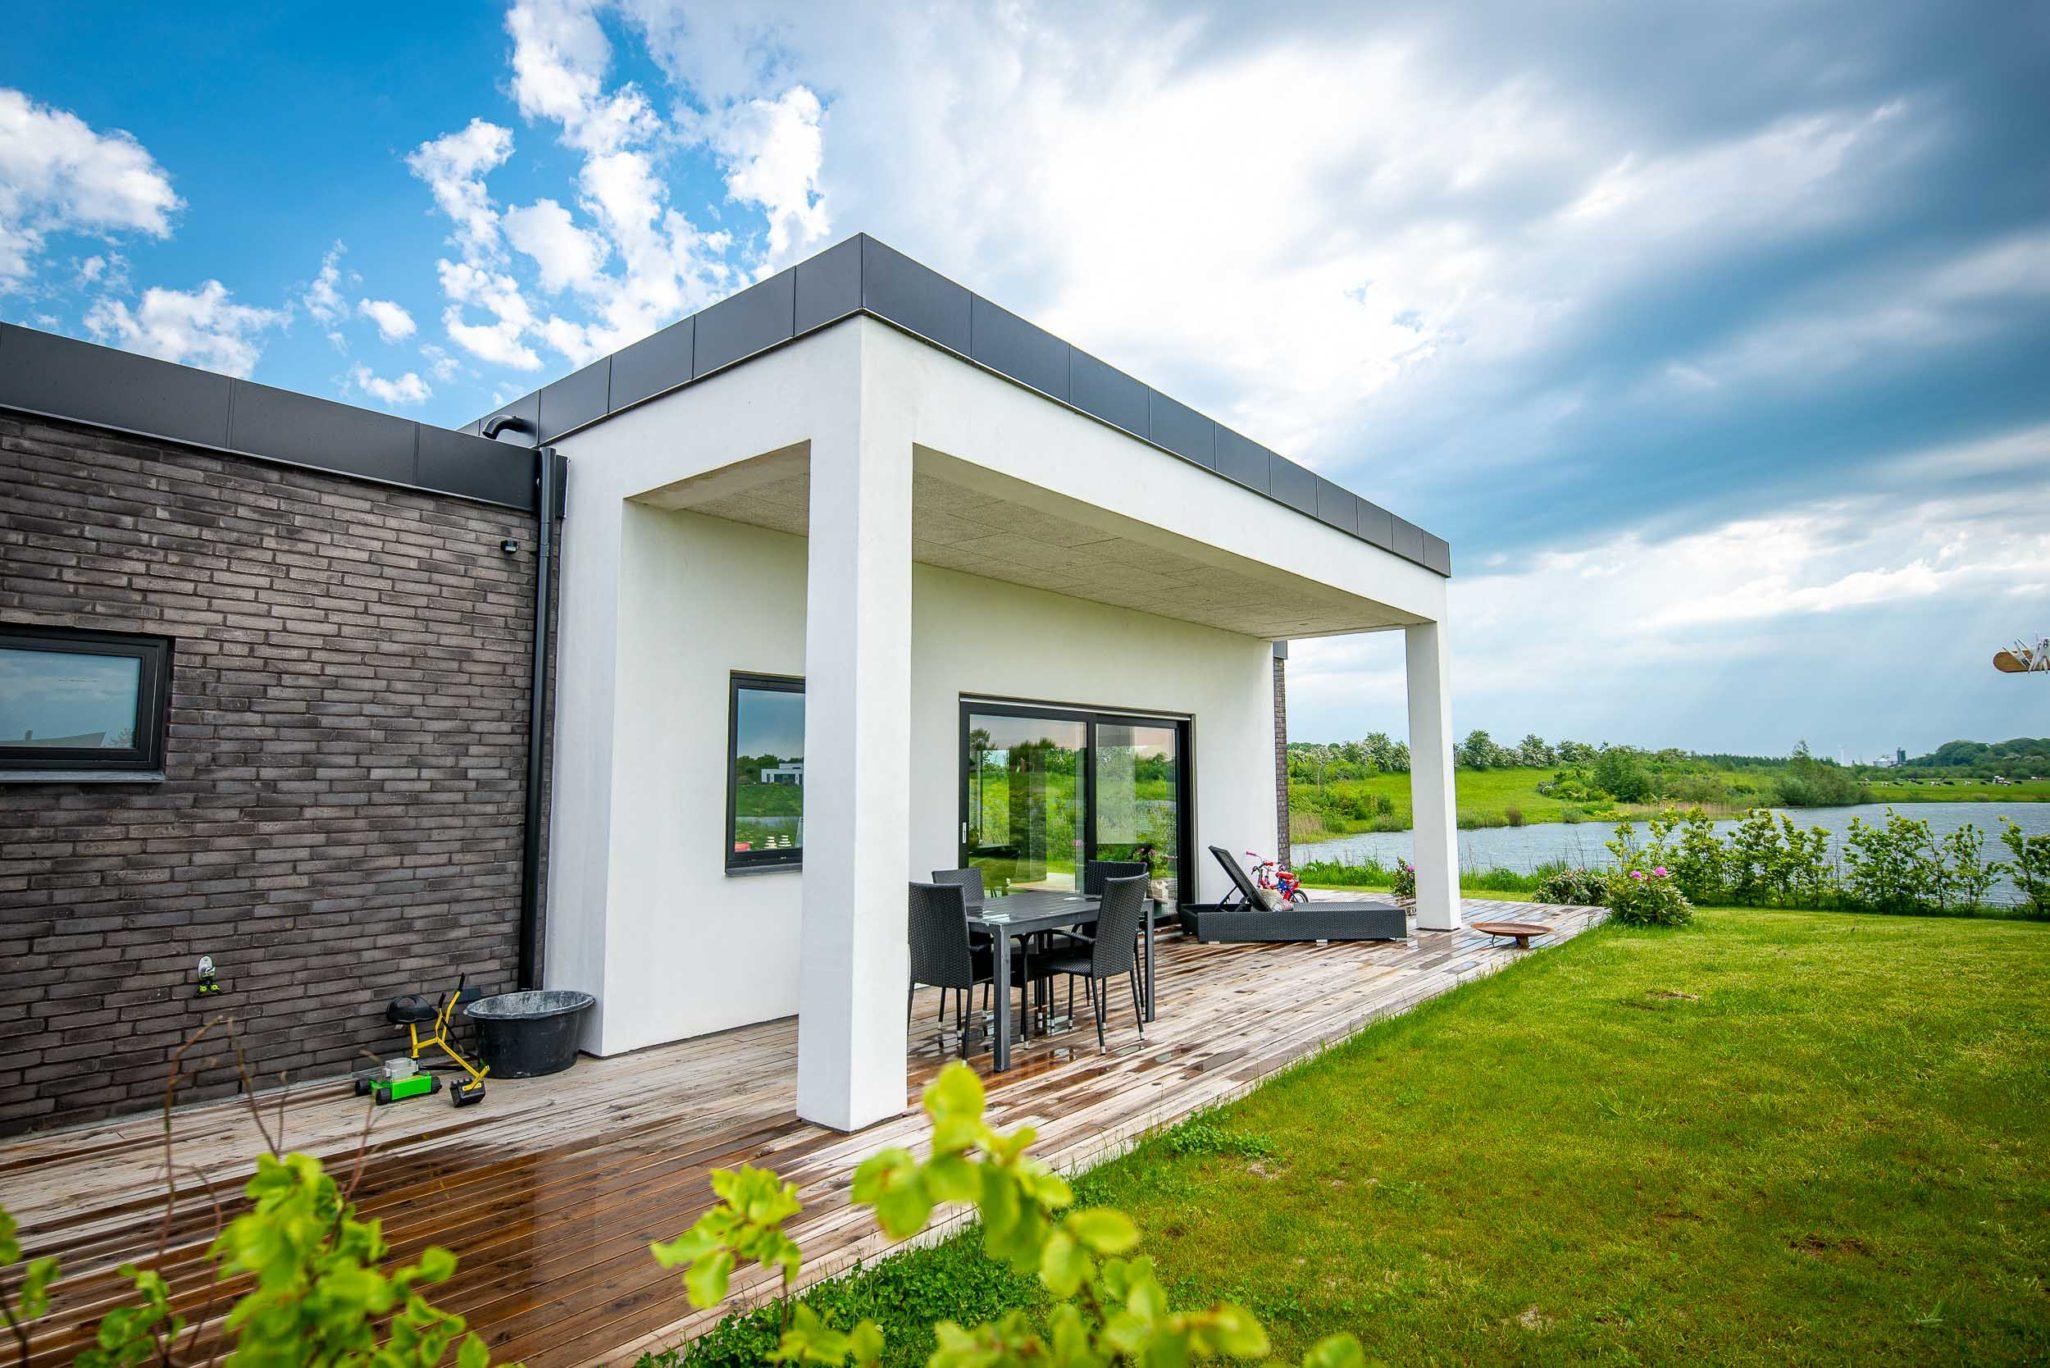 Arkitekttegnet hus i Vejen